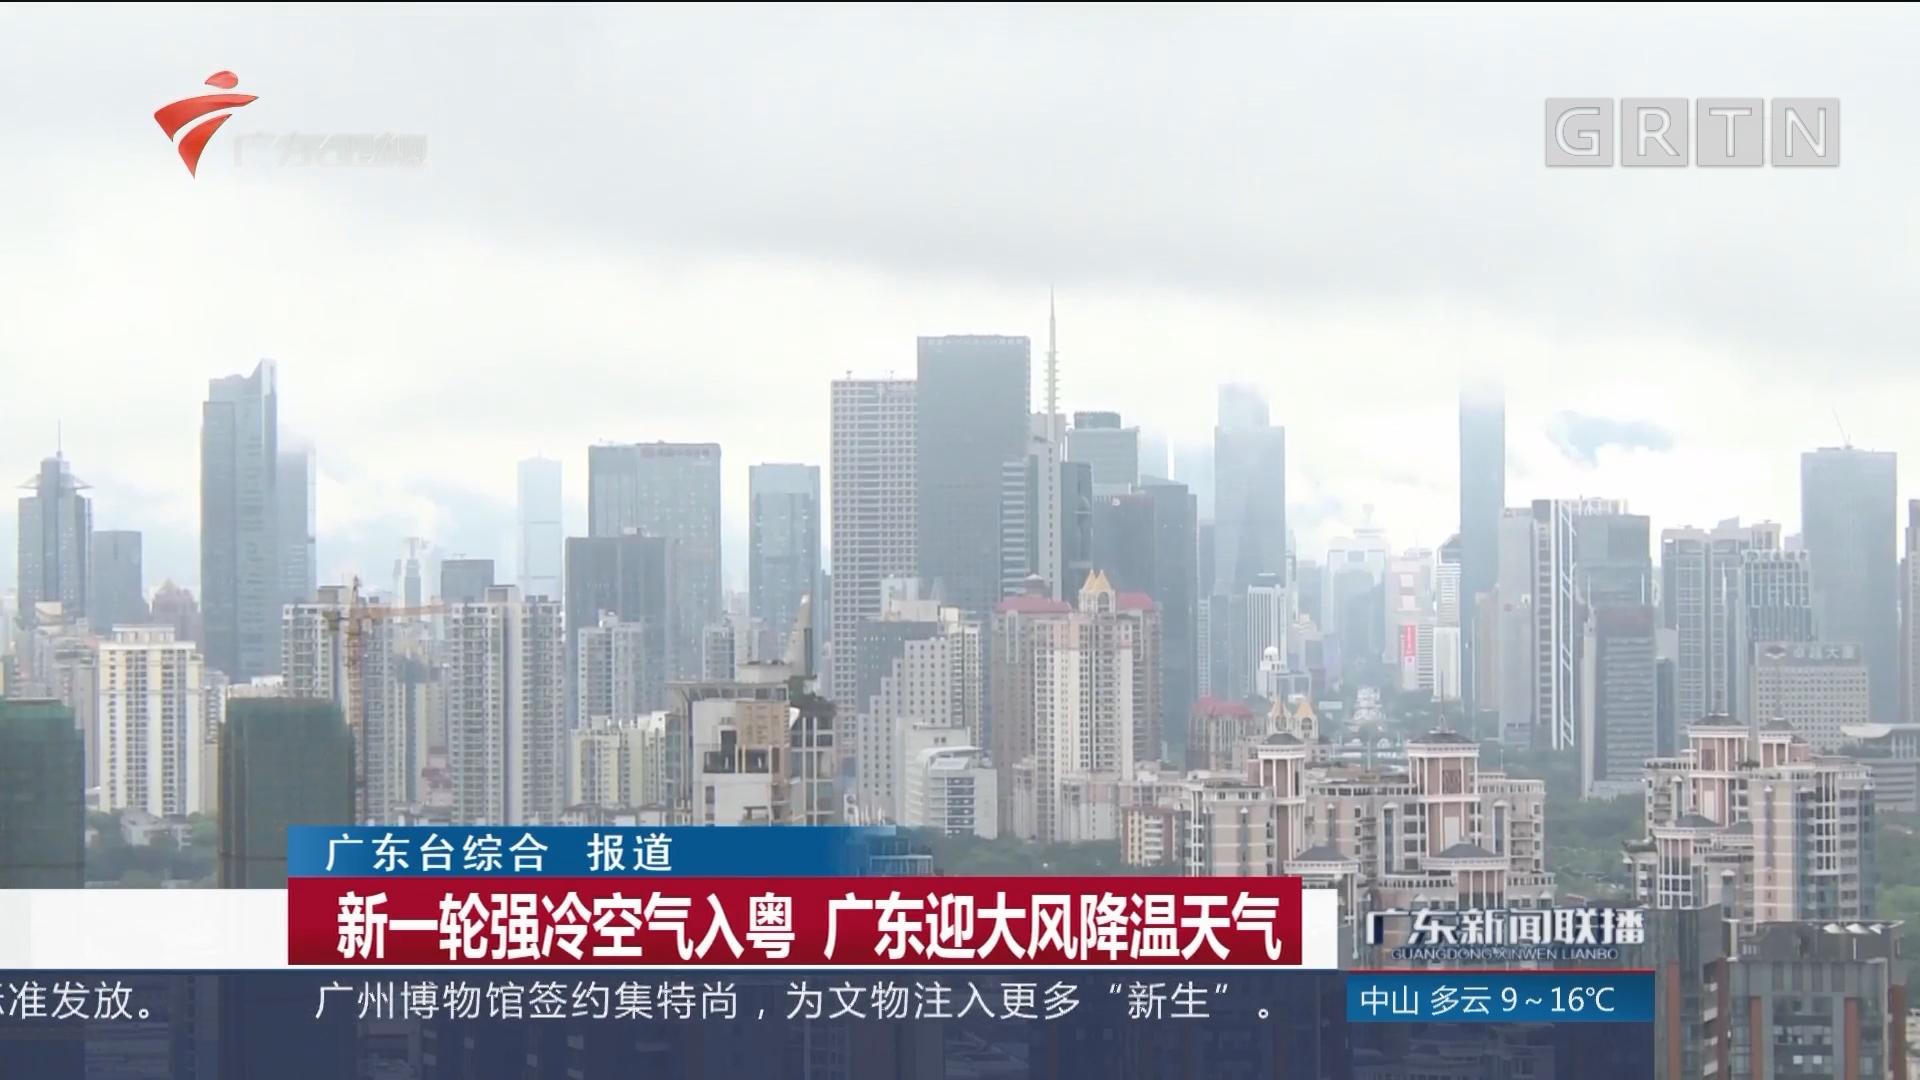 新一轮强冷空气入粤 广东迎大风降温天气